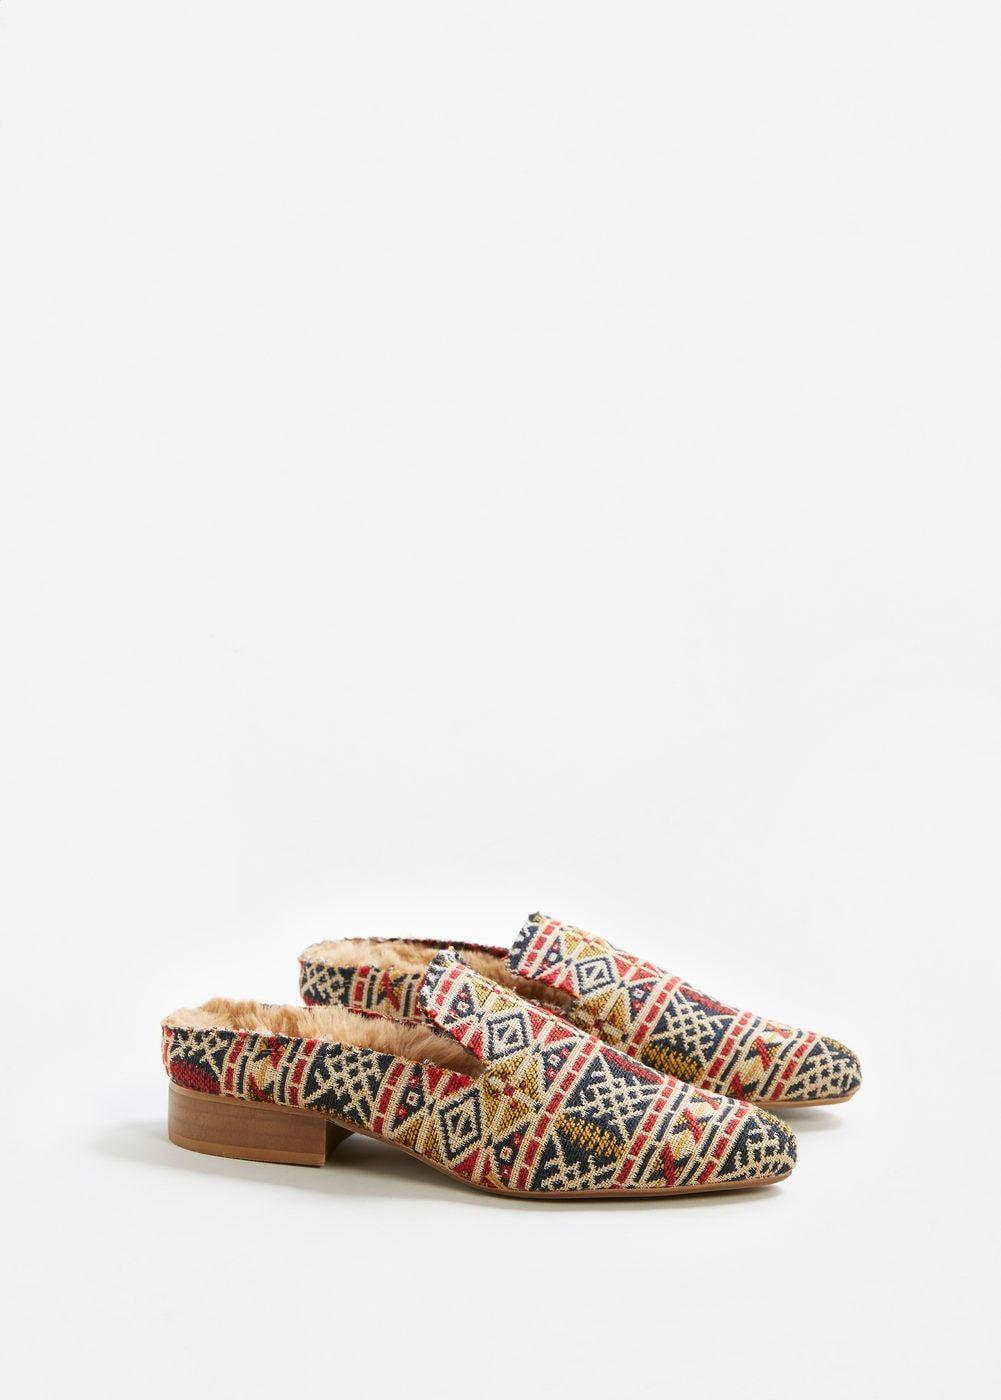 148158ee16 Mocassim bordado aberto atrás - Sapatos de Mulher